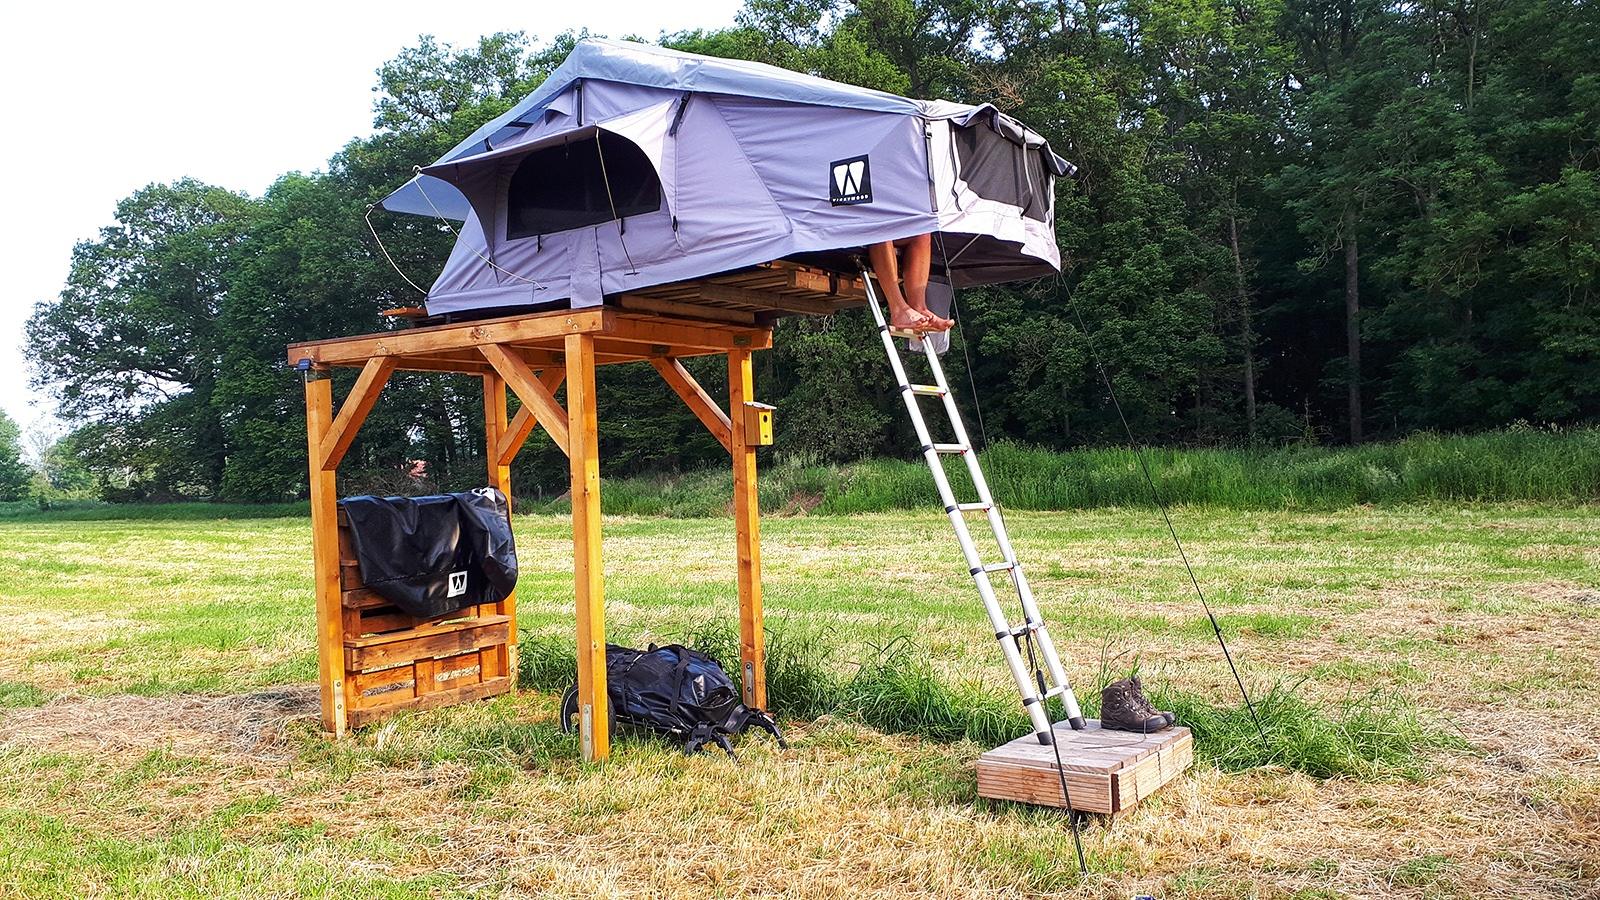 Dachzelt auf einem Holzgestell